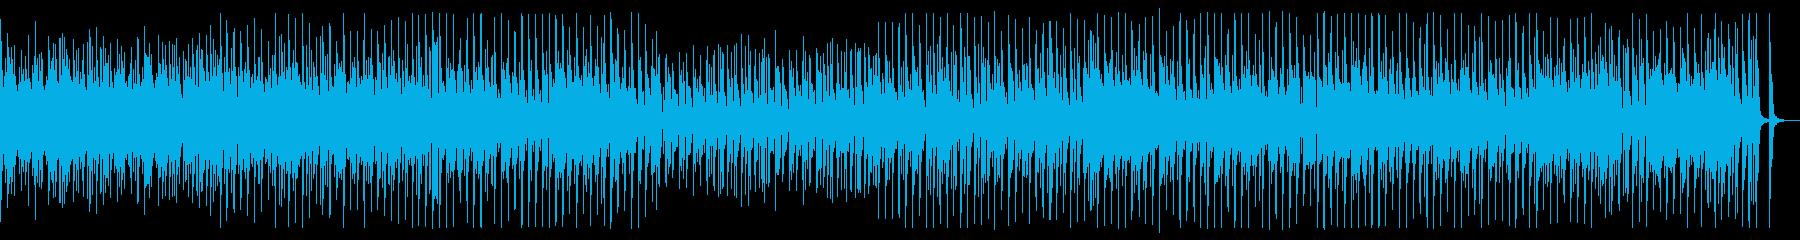 散歩。ポップス_3の再生済みの波形